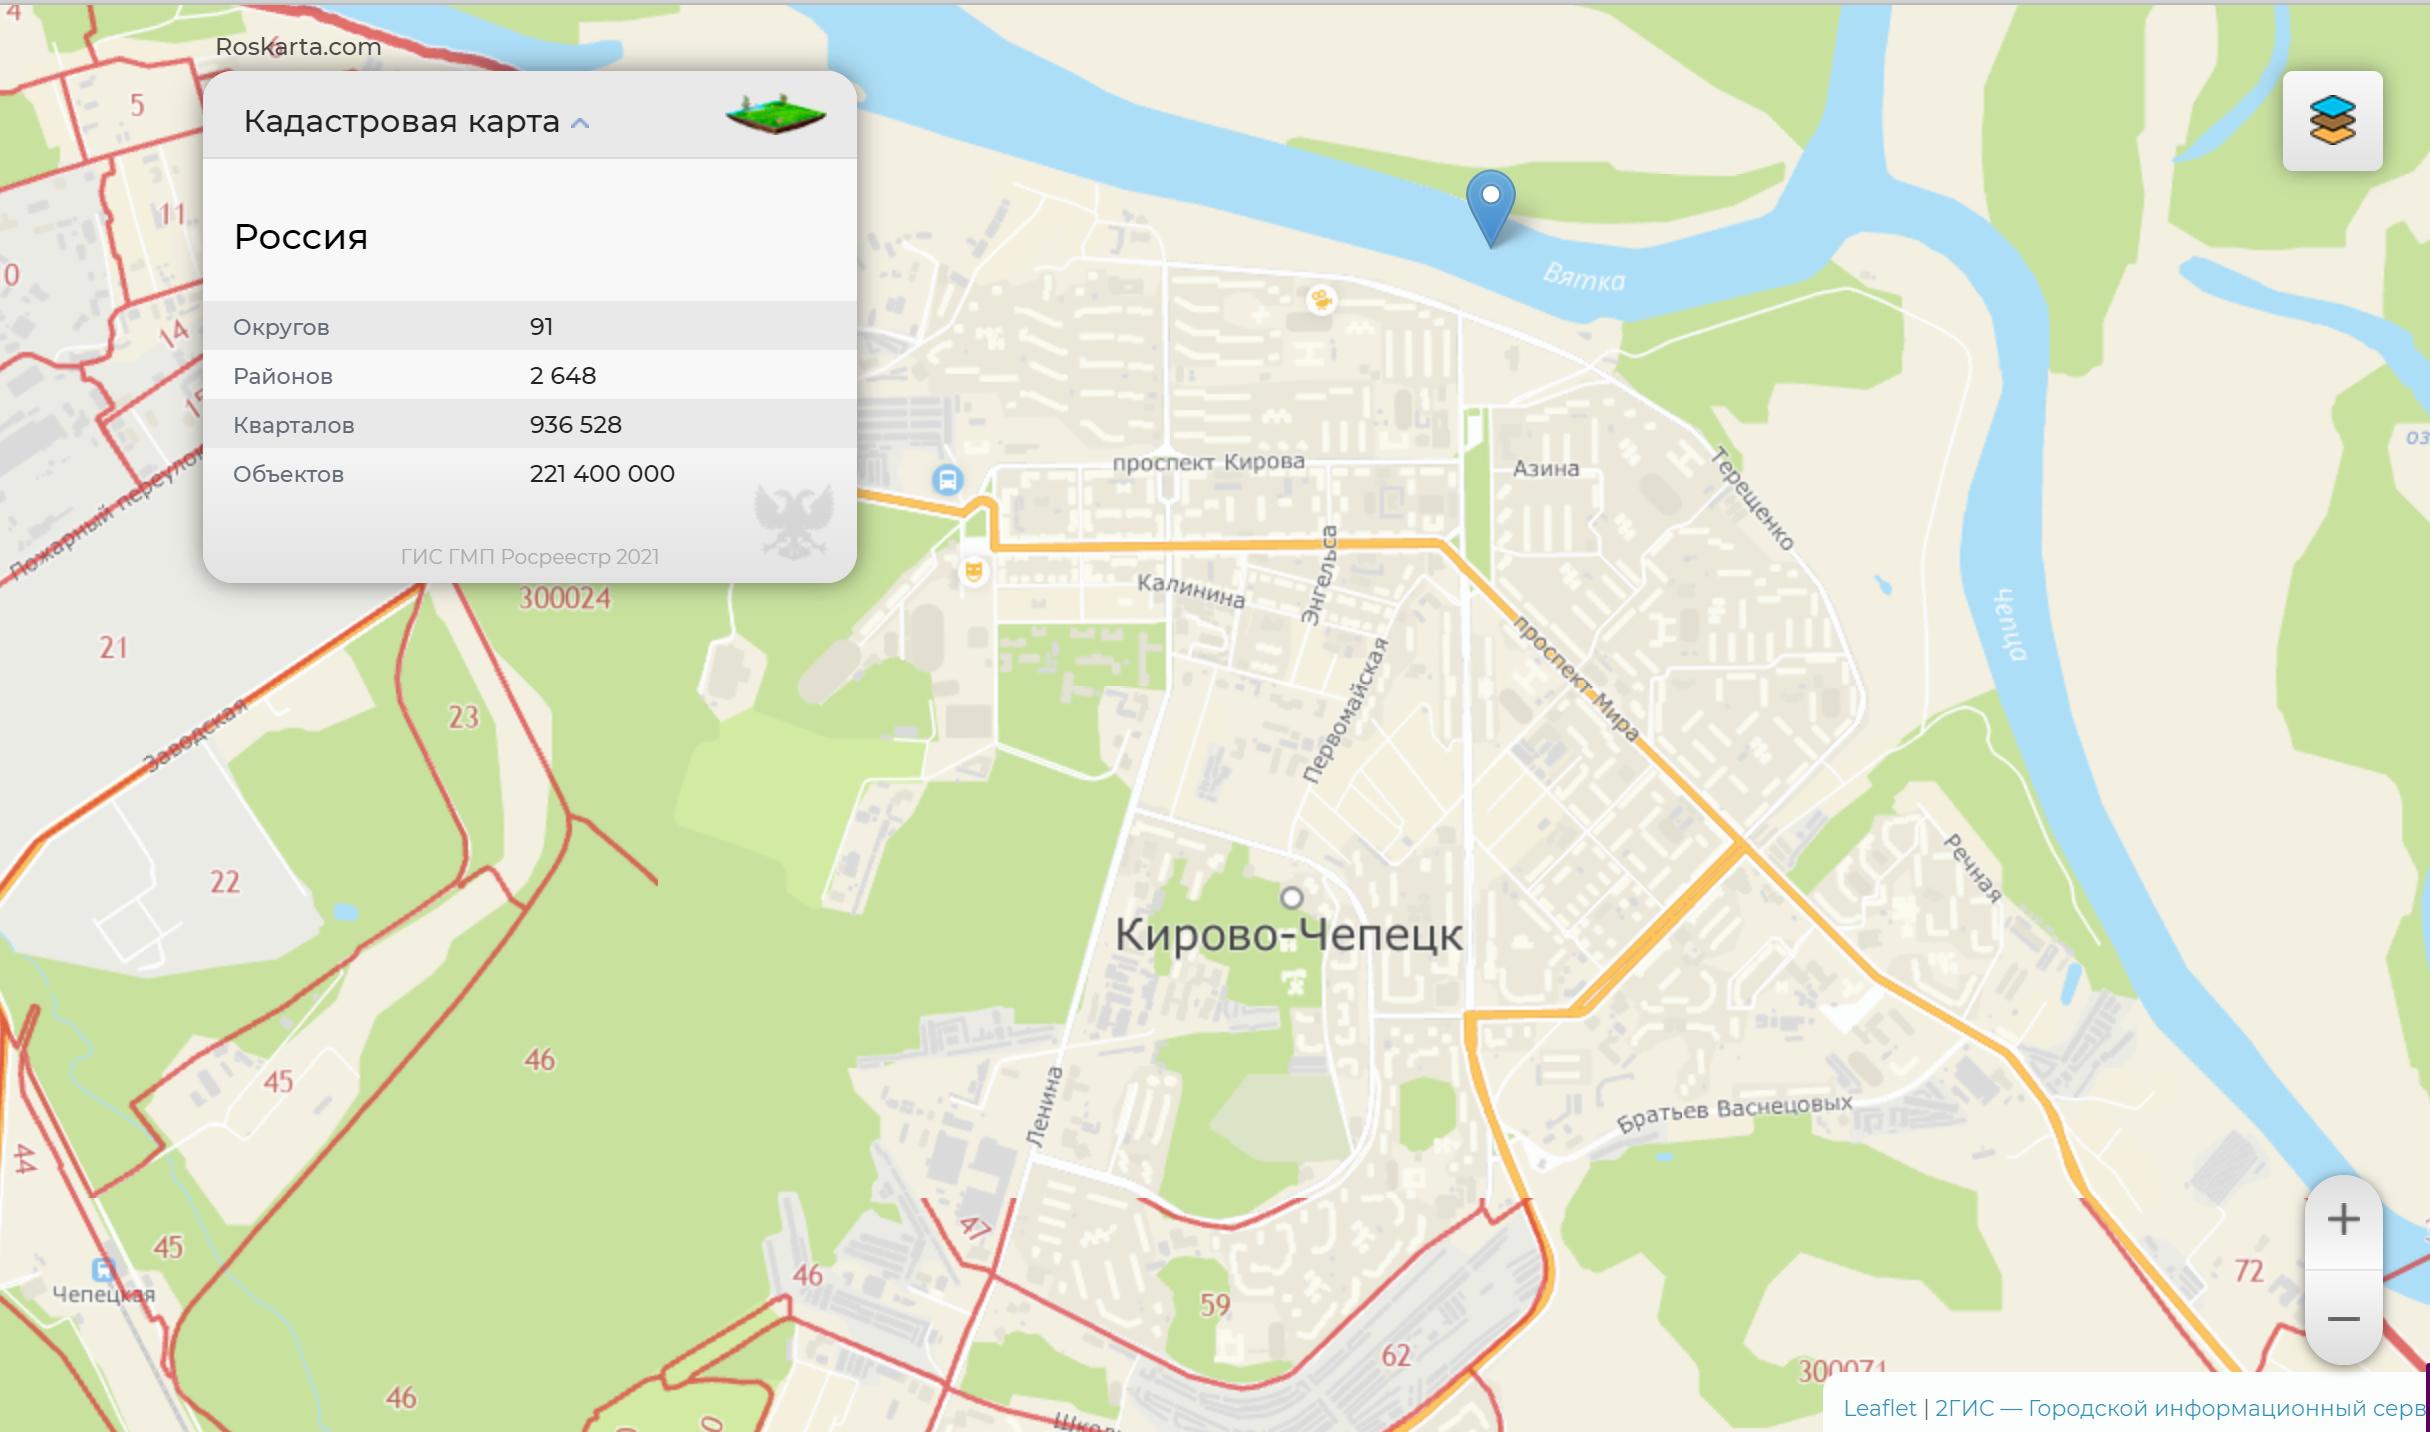 Публичная кадастровая карта – полная информация об объектах недвижимости в режиме онлайн